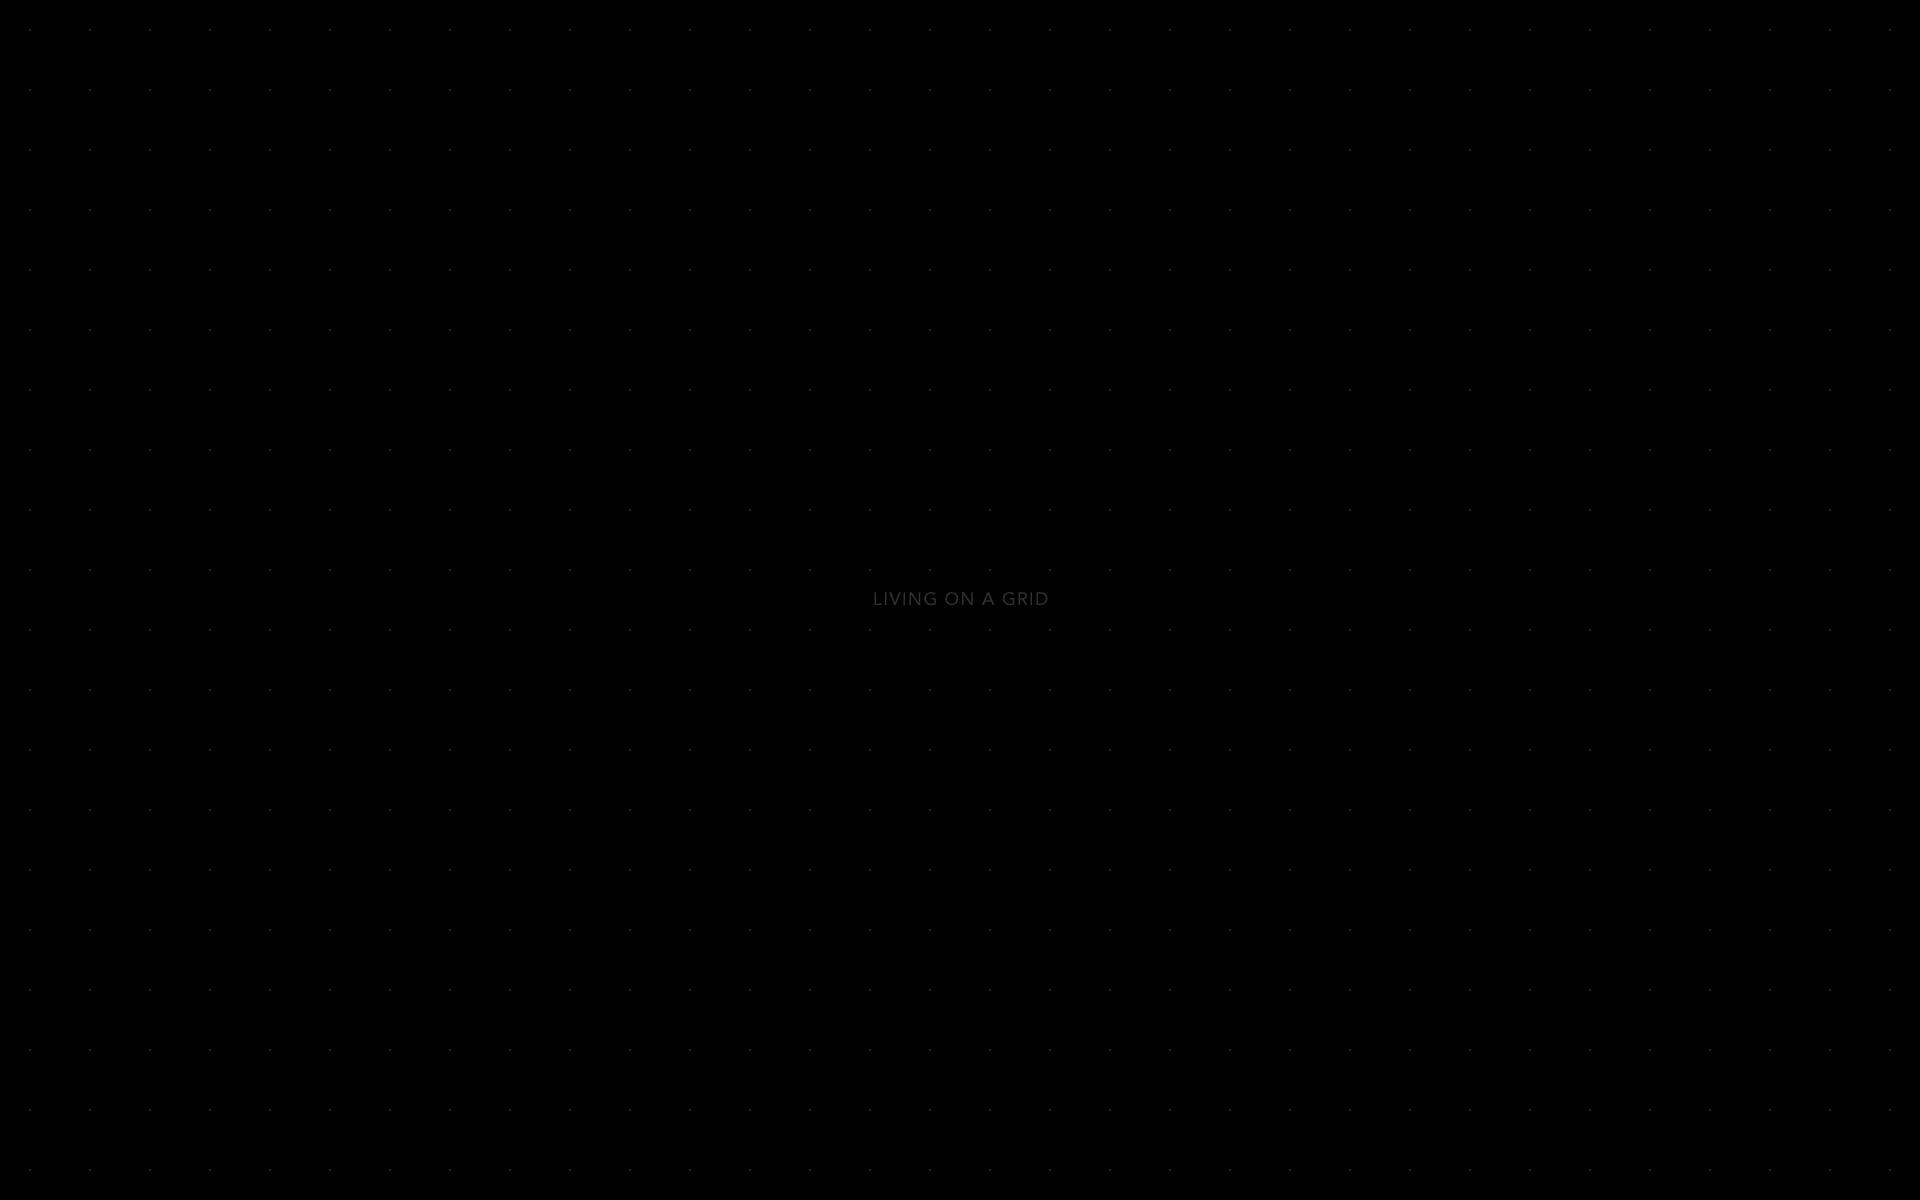 76 Black Background Image On Wallpapersafari